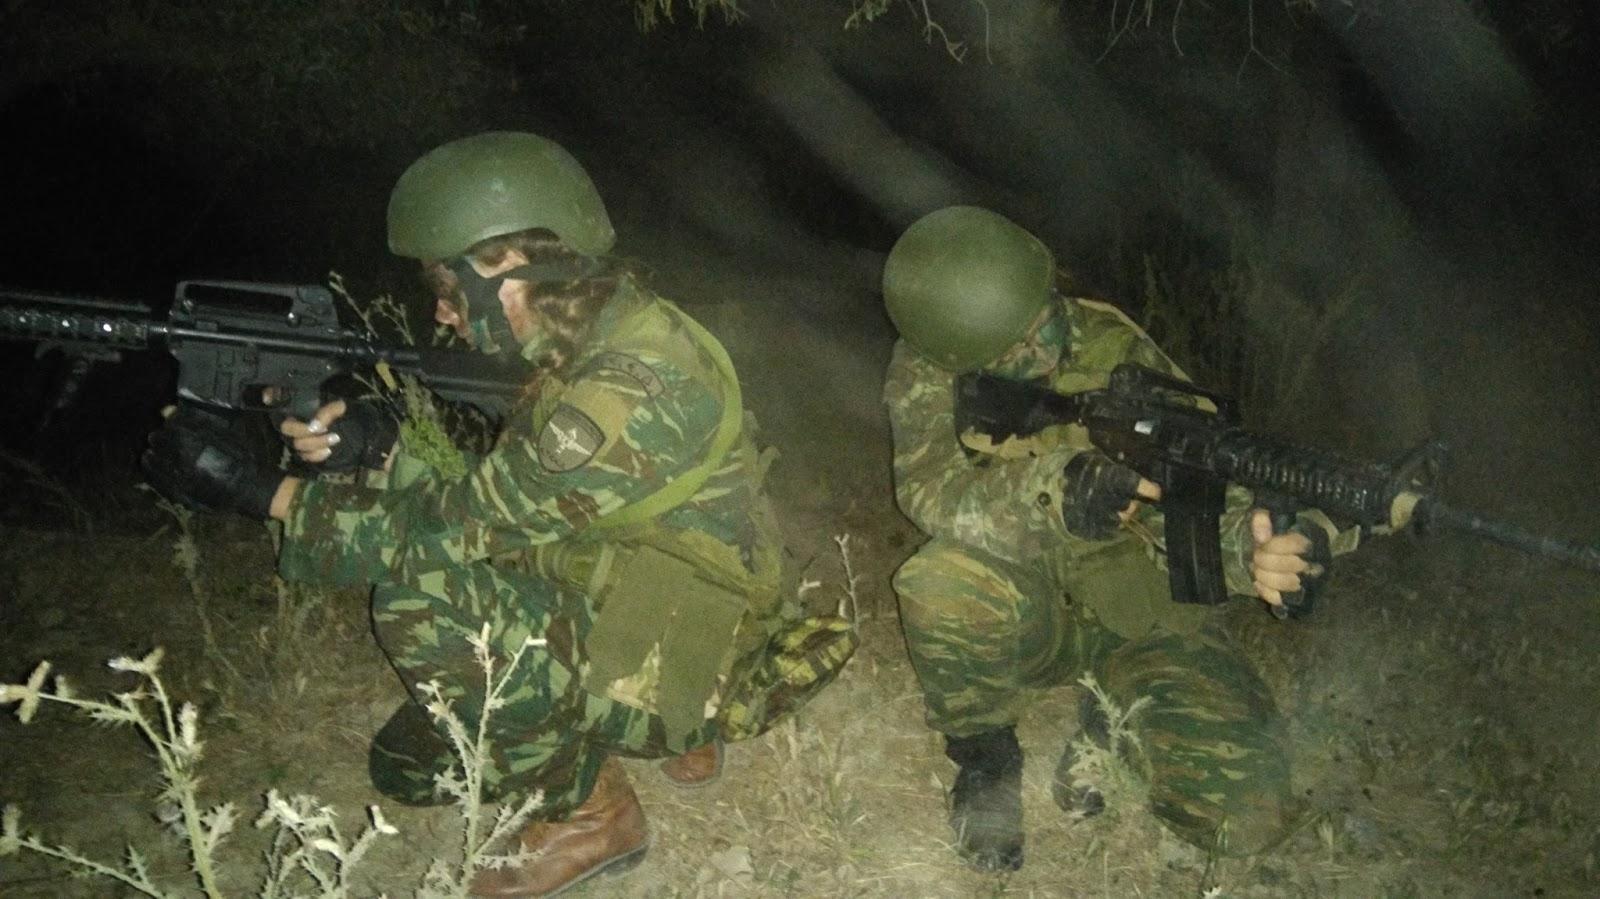 Αποτέλεσμα εικόνας για Εθελοντικό Τμήμα Εφέδρων Ενόπλων Δυνάμεων